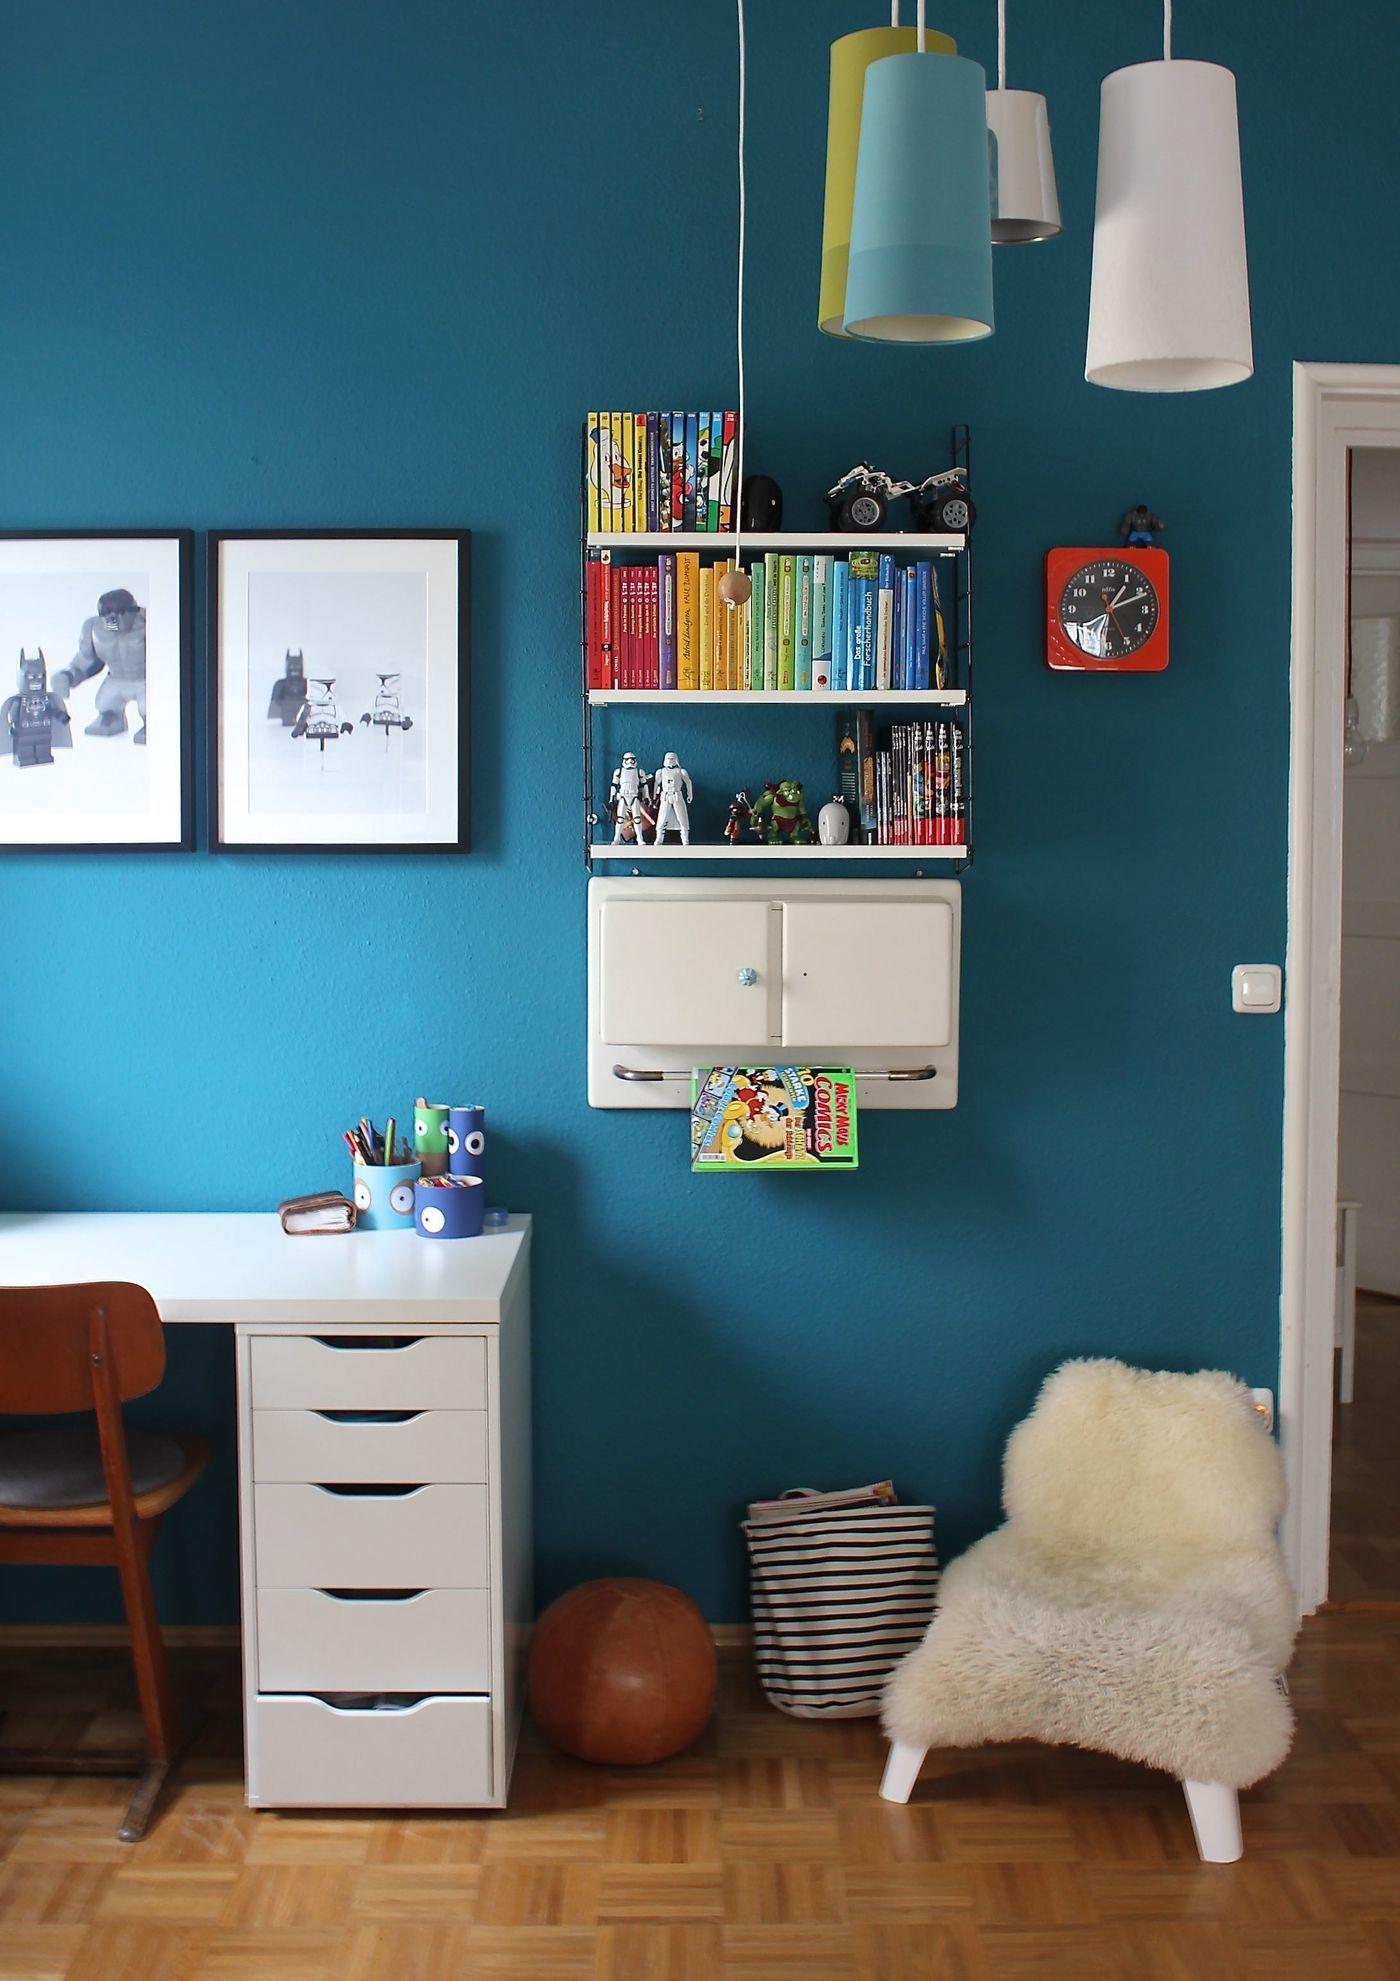 Ausgezeichnet Kinderzimmer Aufbewahrung Ideen Galerie ...